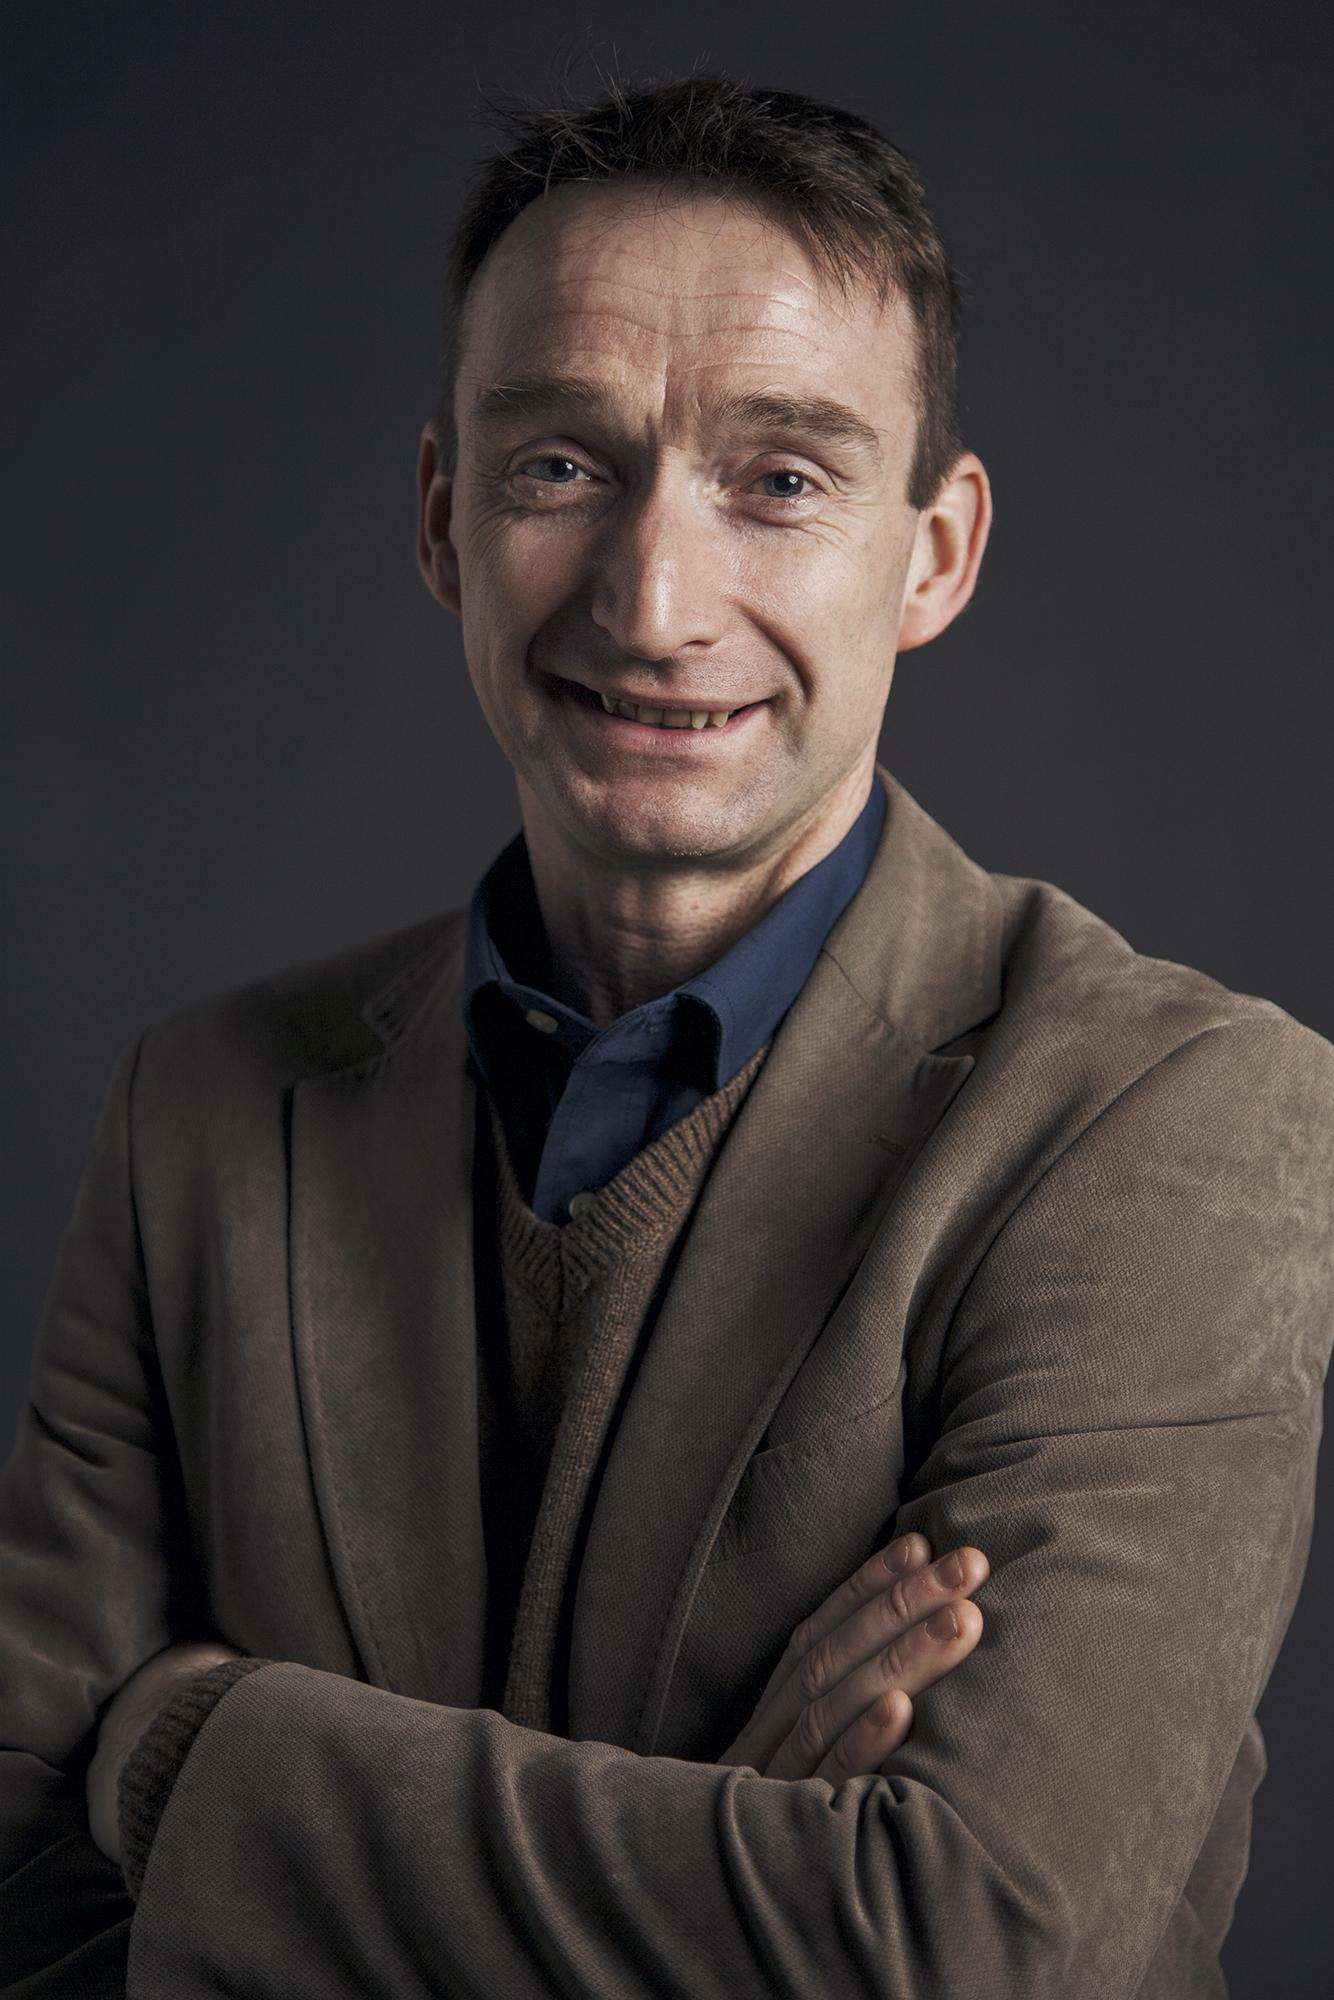 John Leech headshot taken by David McCabe